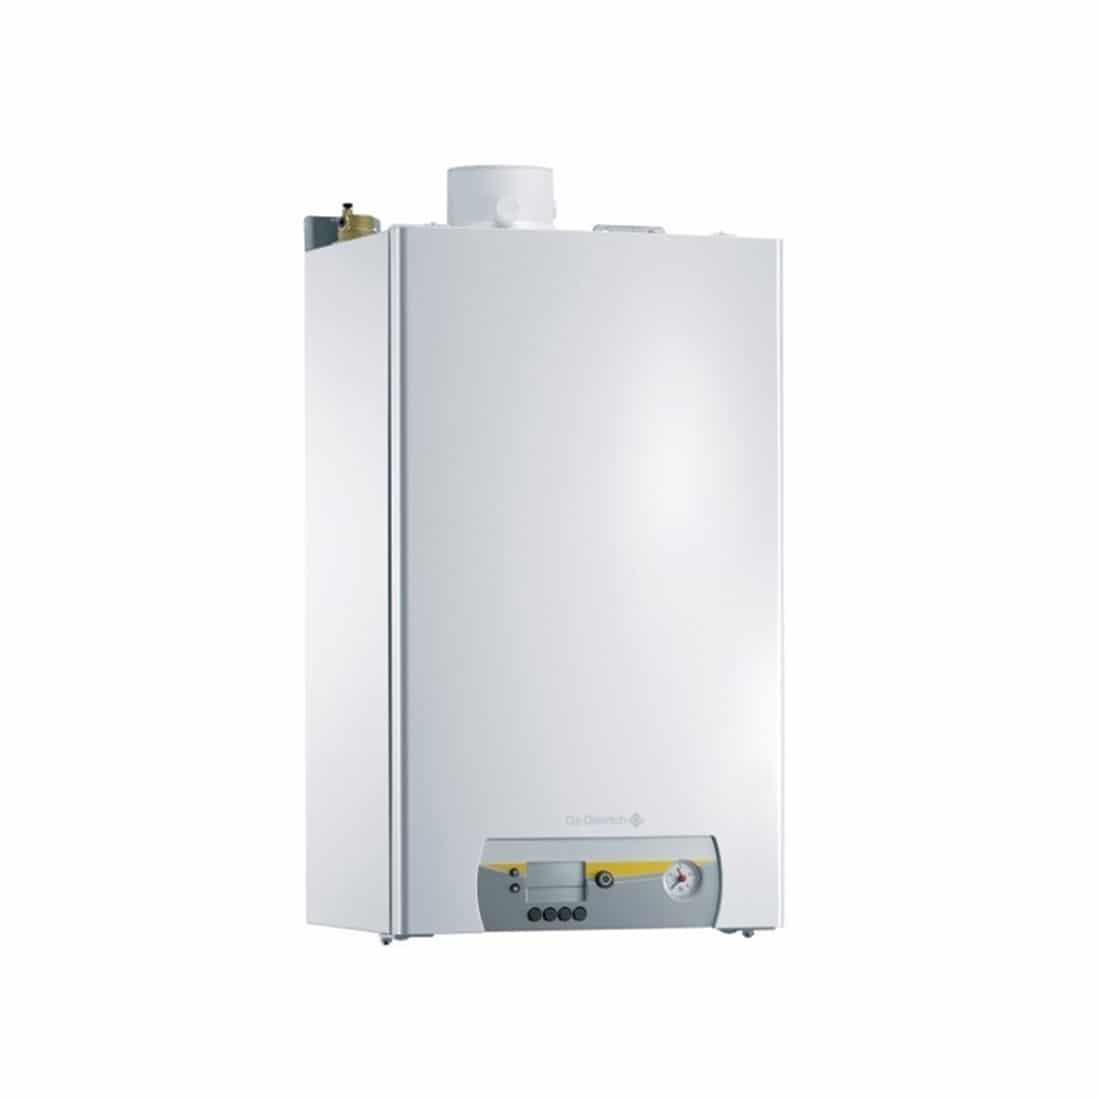 neovivo-chaudiere-condensation-gaz-derniere-generation-de-dietrich-02